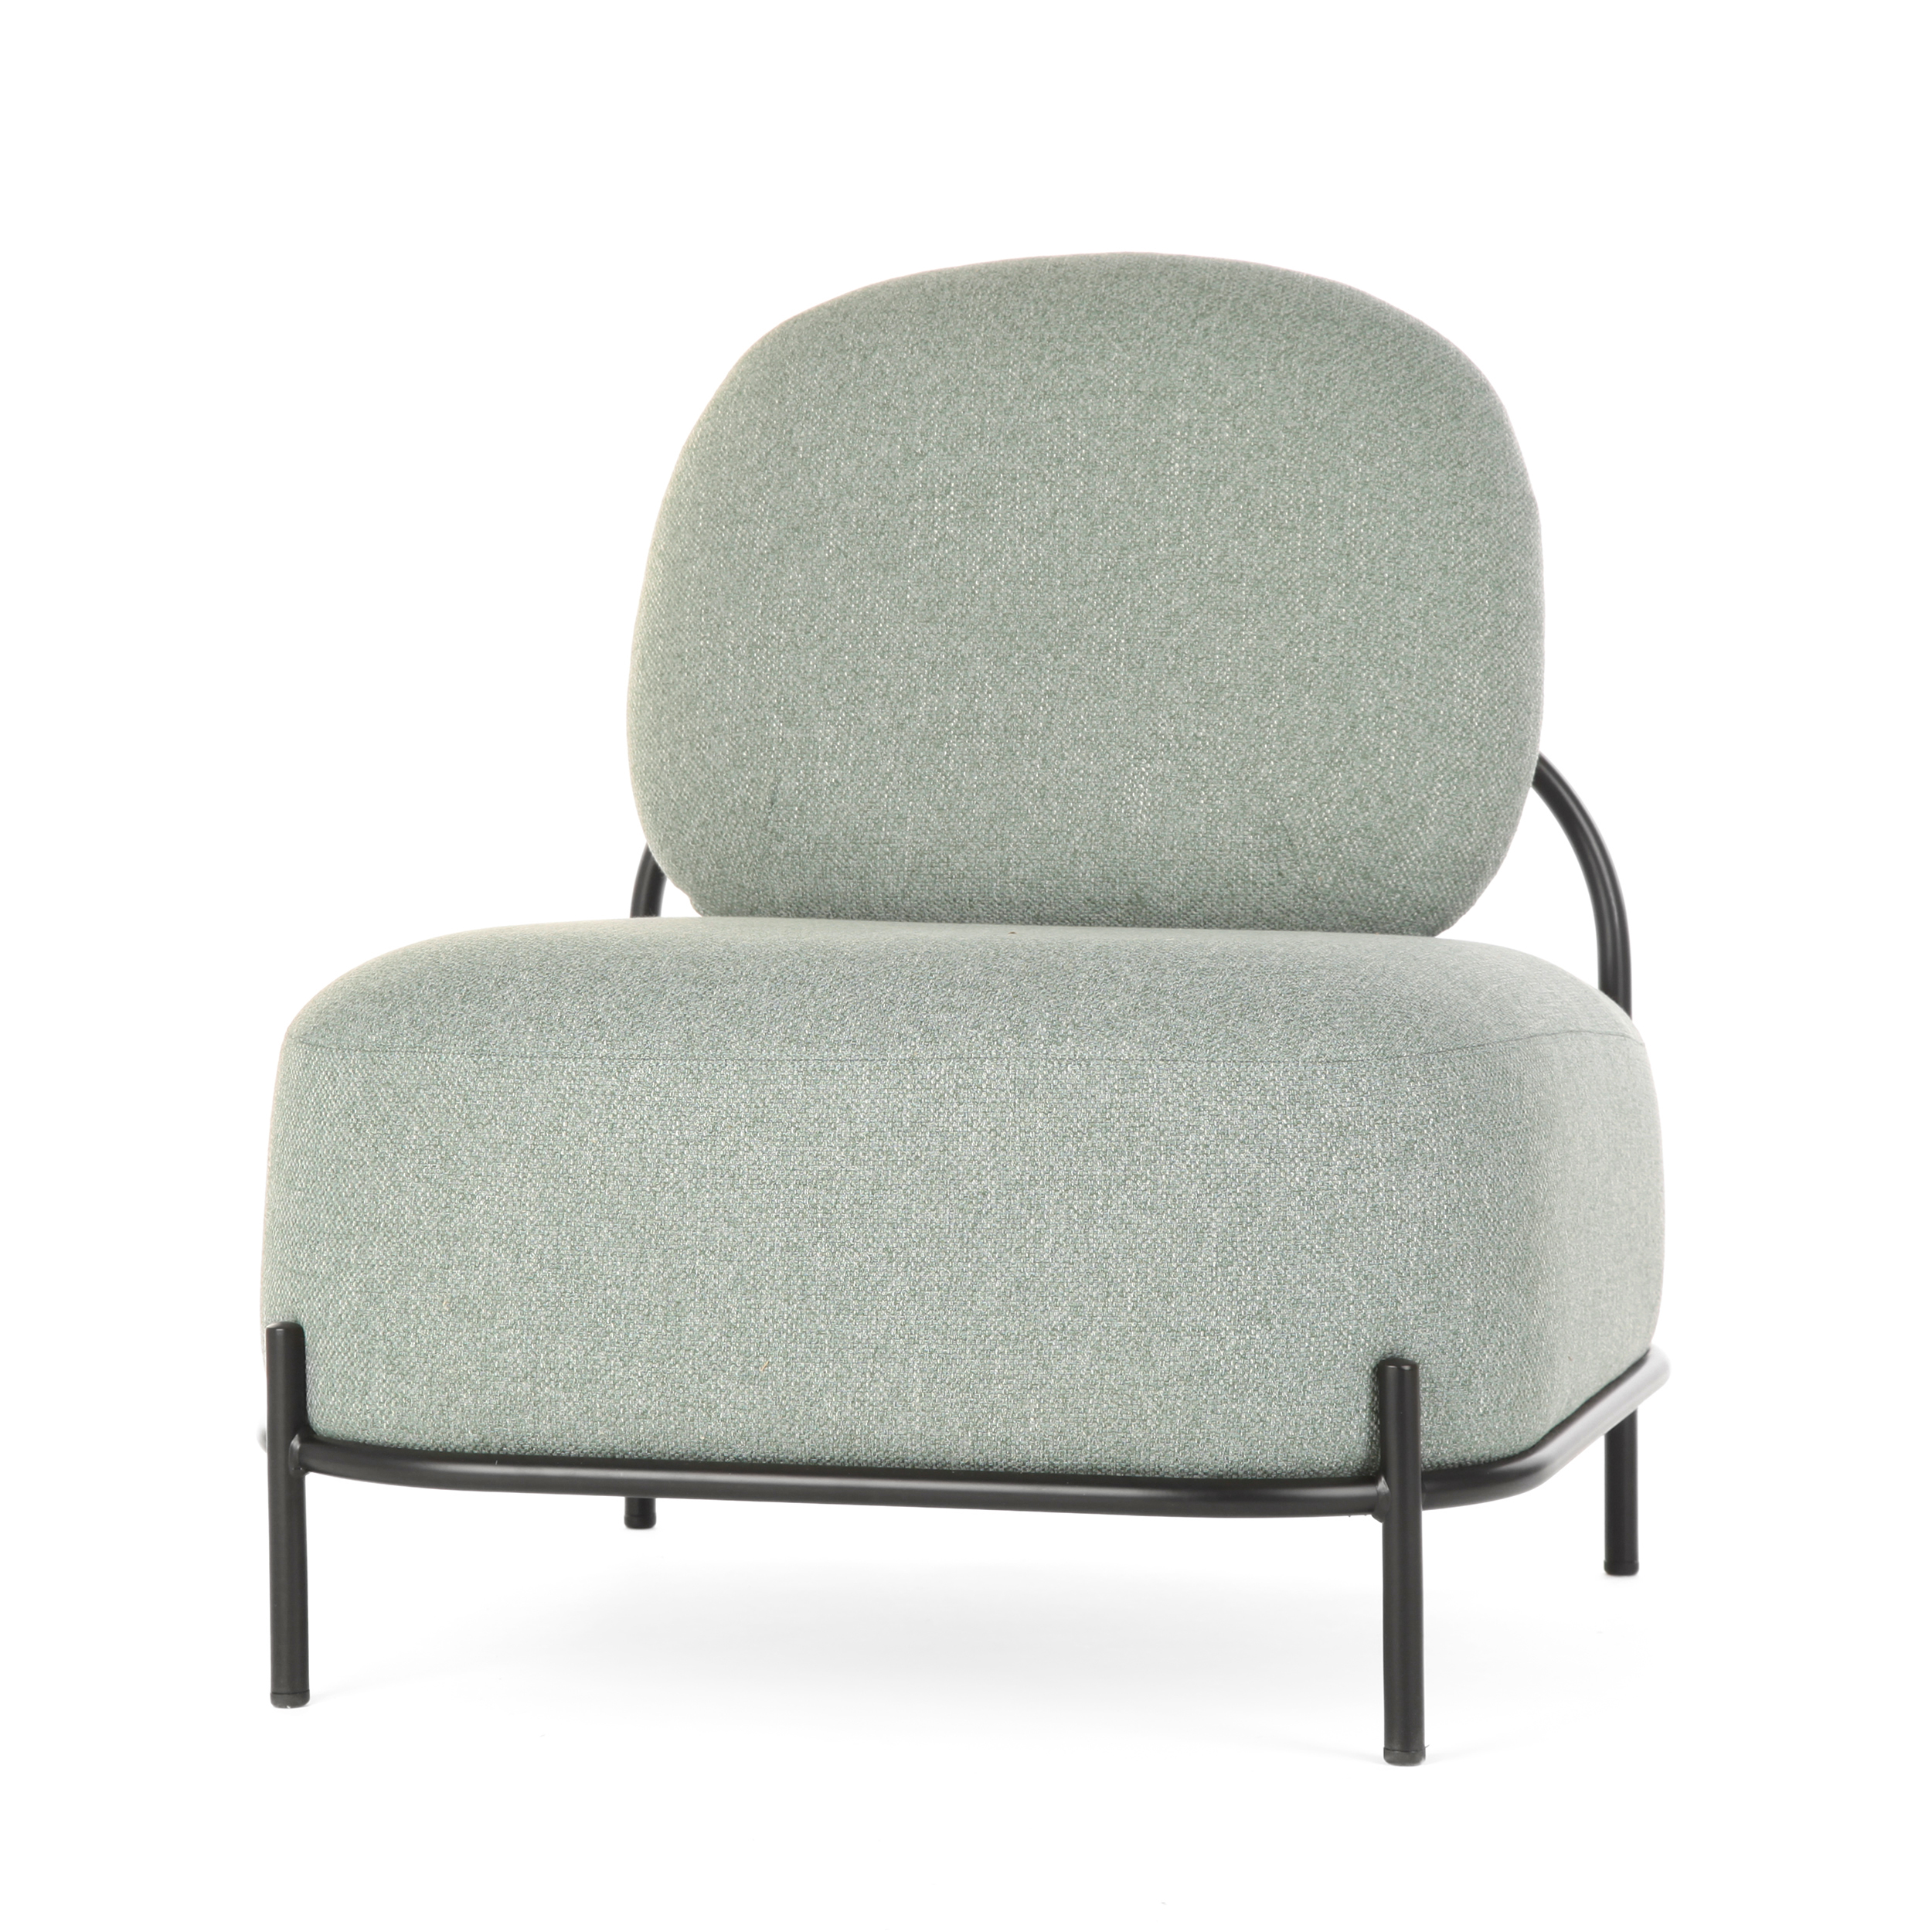 Кресло Cosmo 15580669 от Cosmorelax